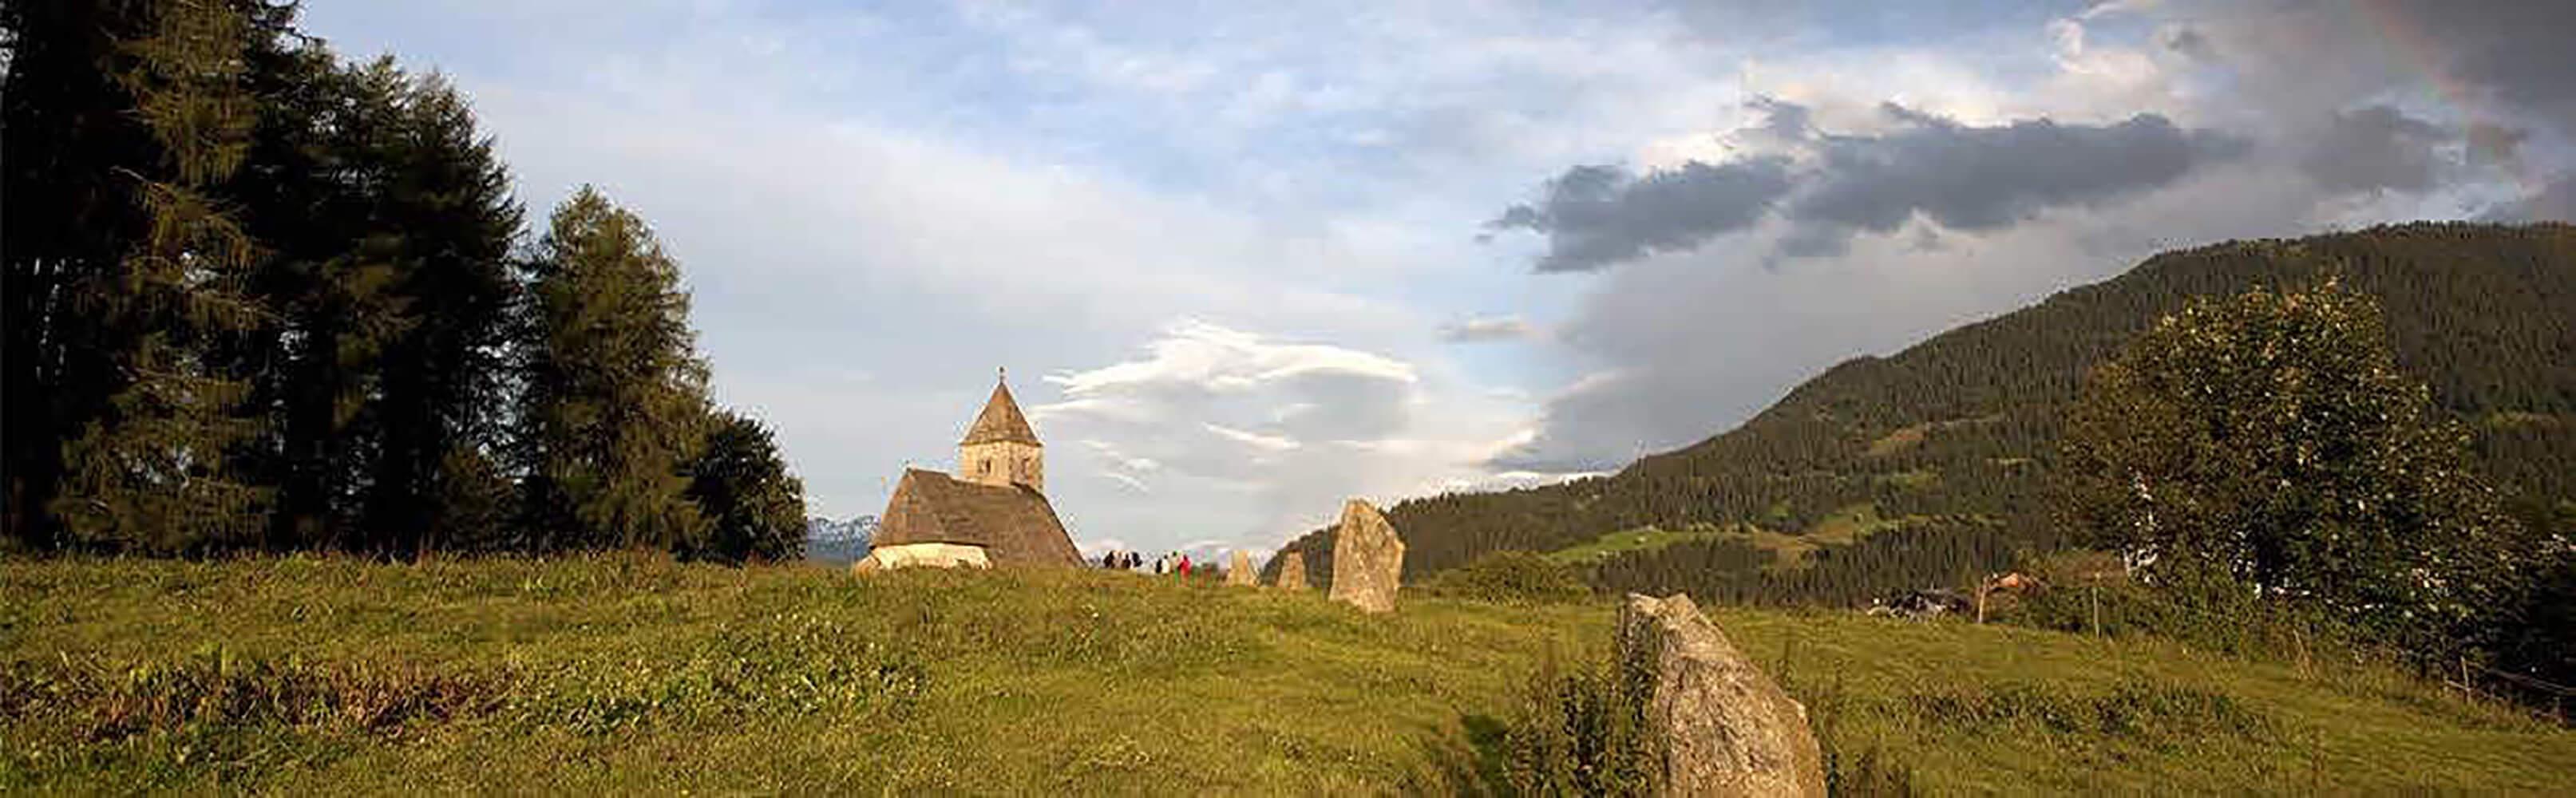 Parc la Mutta – Der Steinkalender von Falera 1